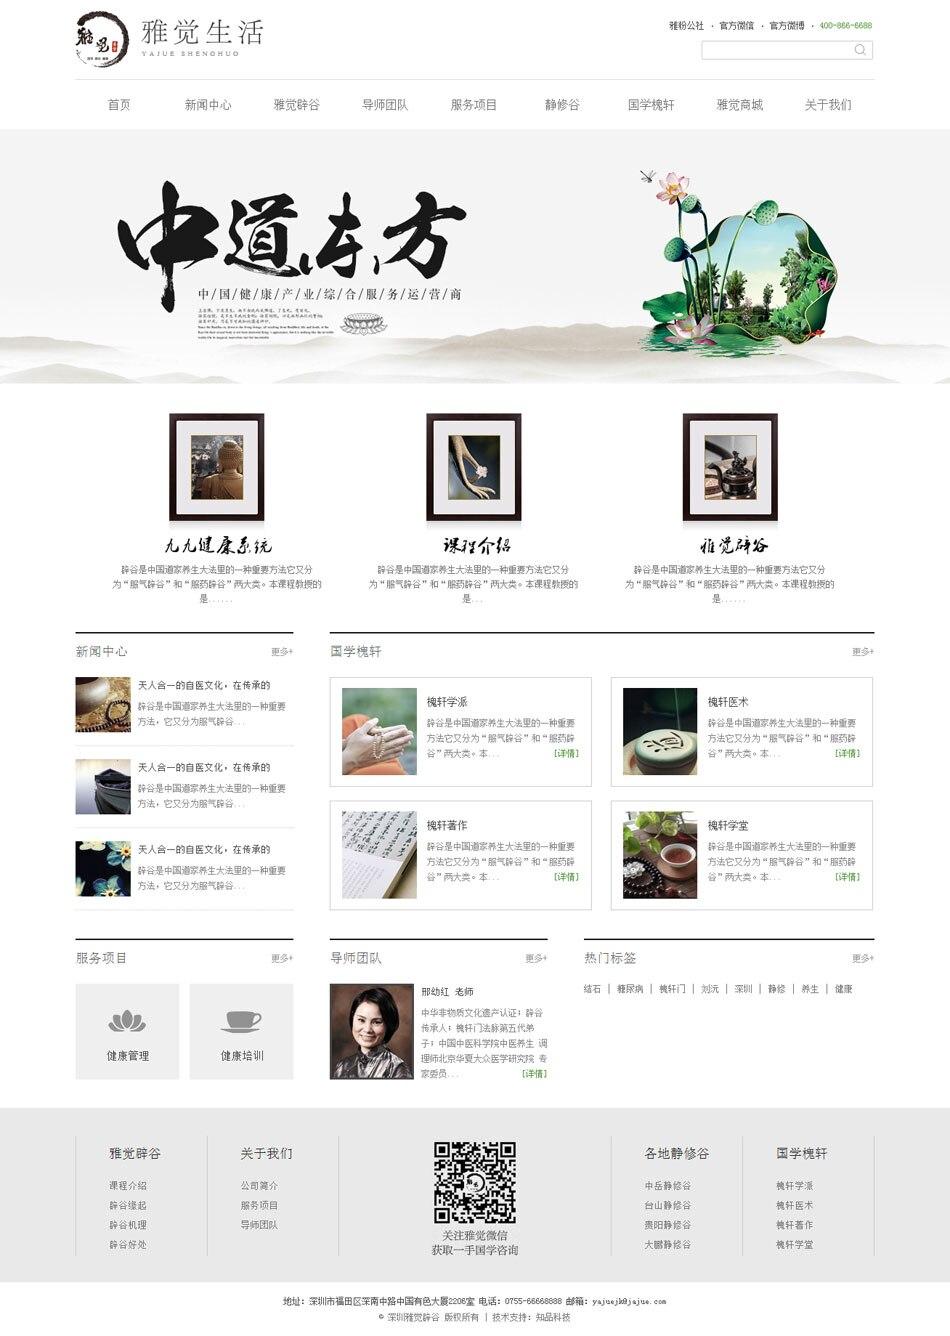 雅觉健康企业官网